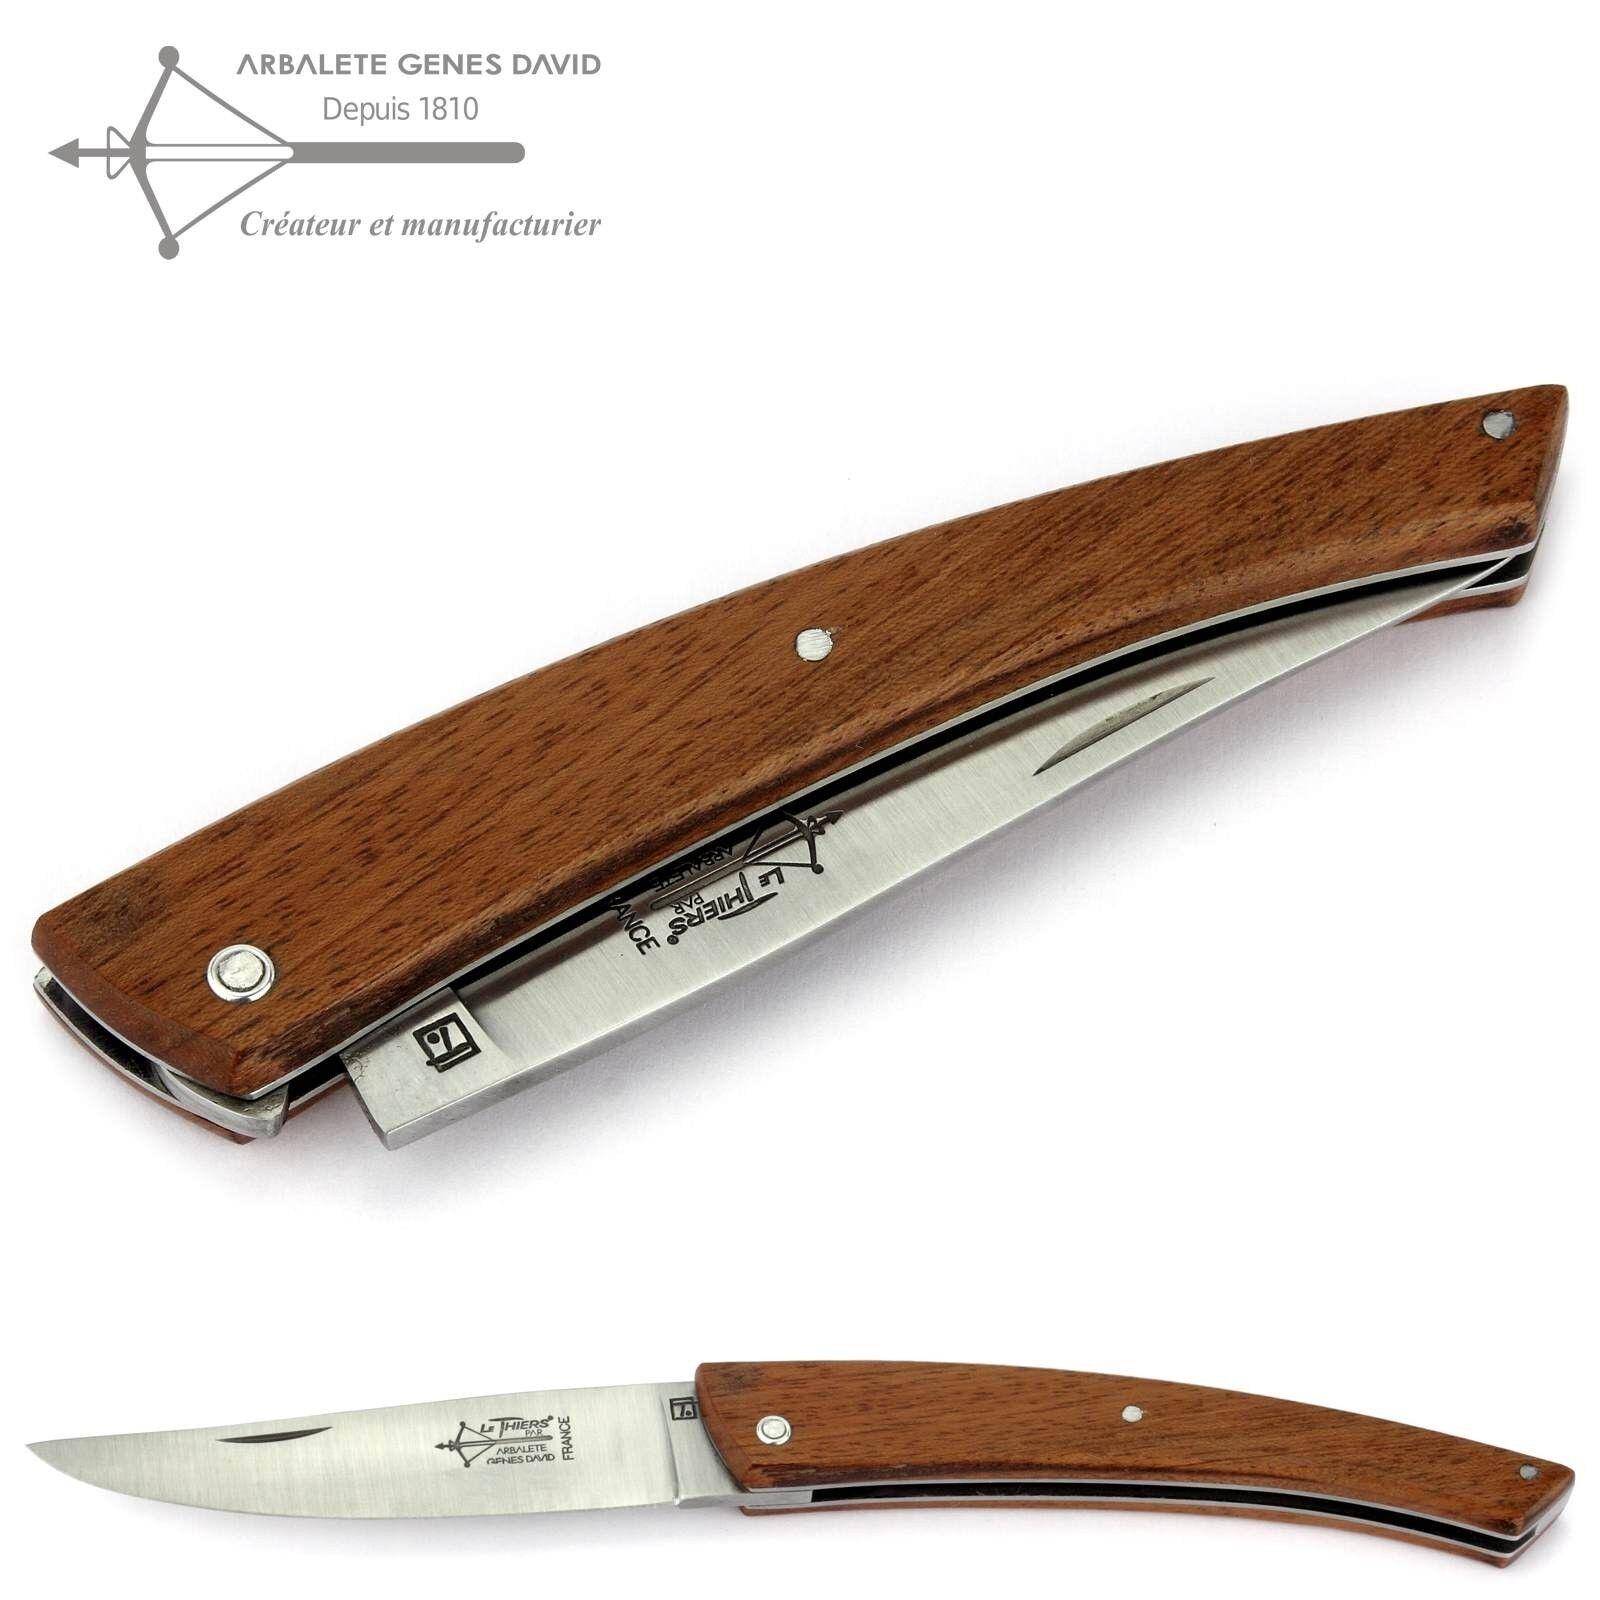 Arbalete G. David Thiers Taschenmesser 12 cm Messer Messer Messer TH112BI0 10CA Griff Bubinga 667949